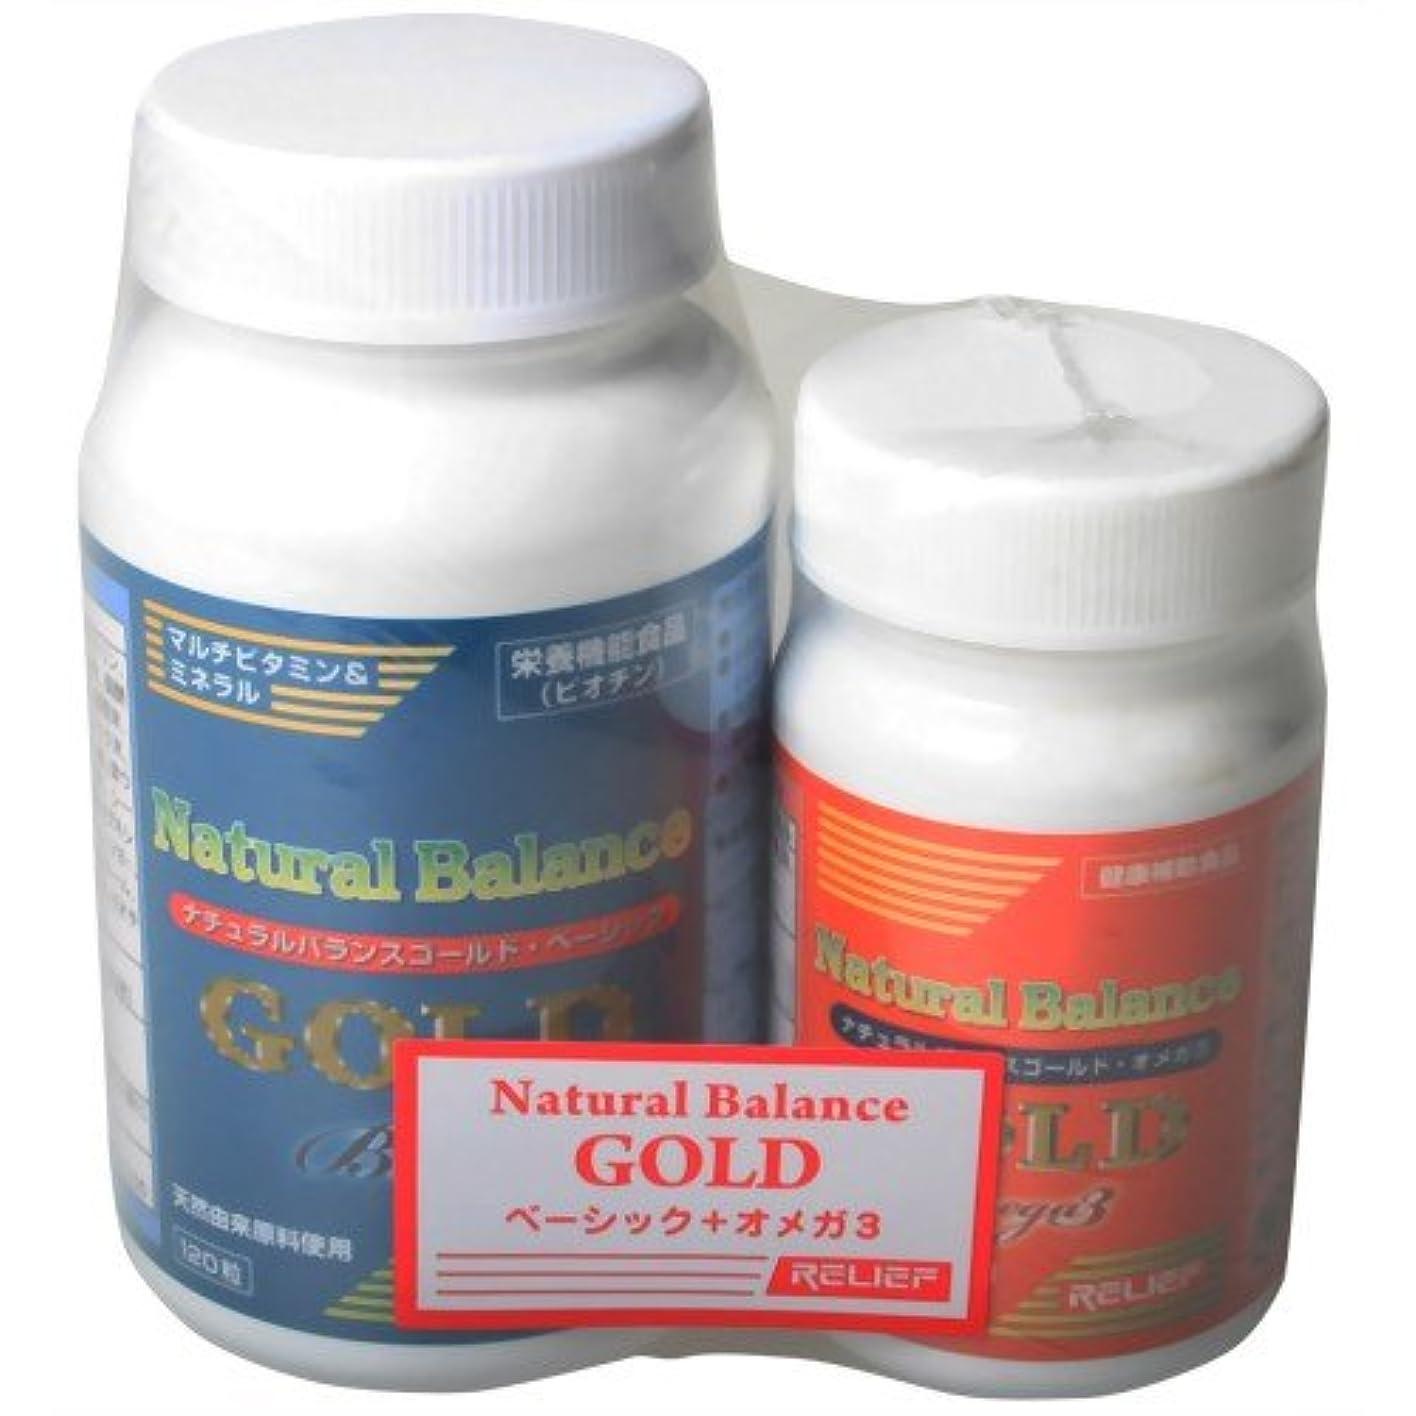 抽選薬剤師エンゲージメントリリーフ ナチュラルバランスゴールド BASIC 120粒+オメガ3 30粒